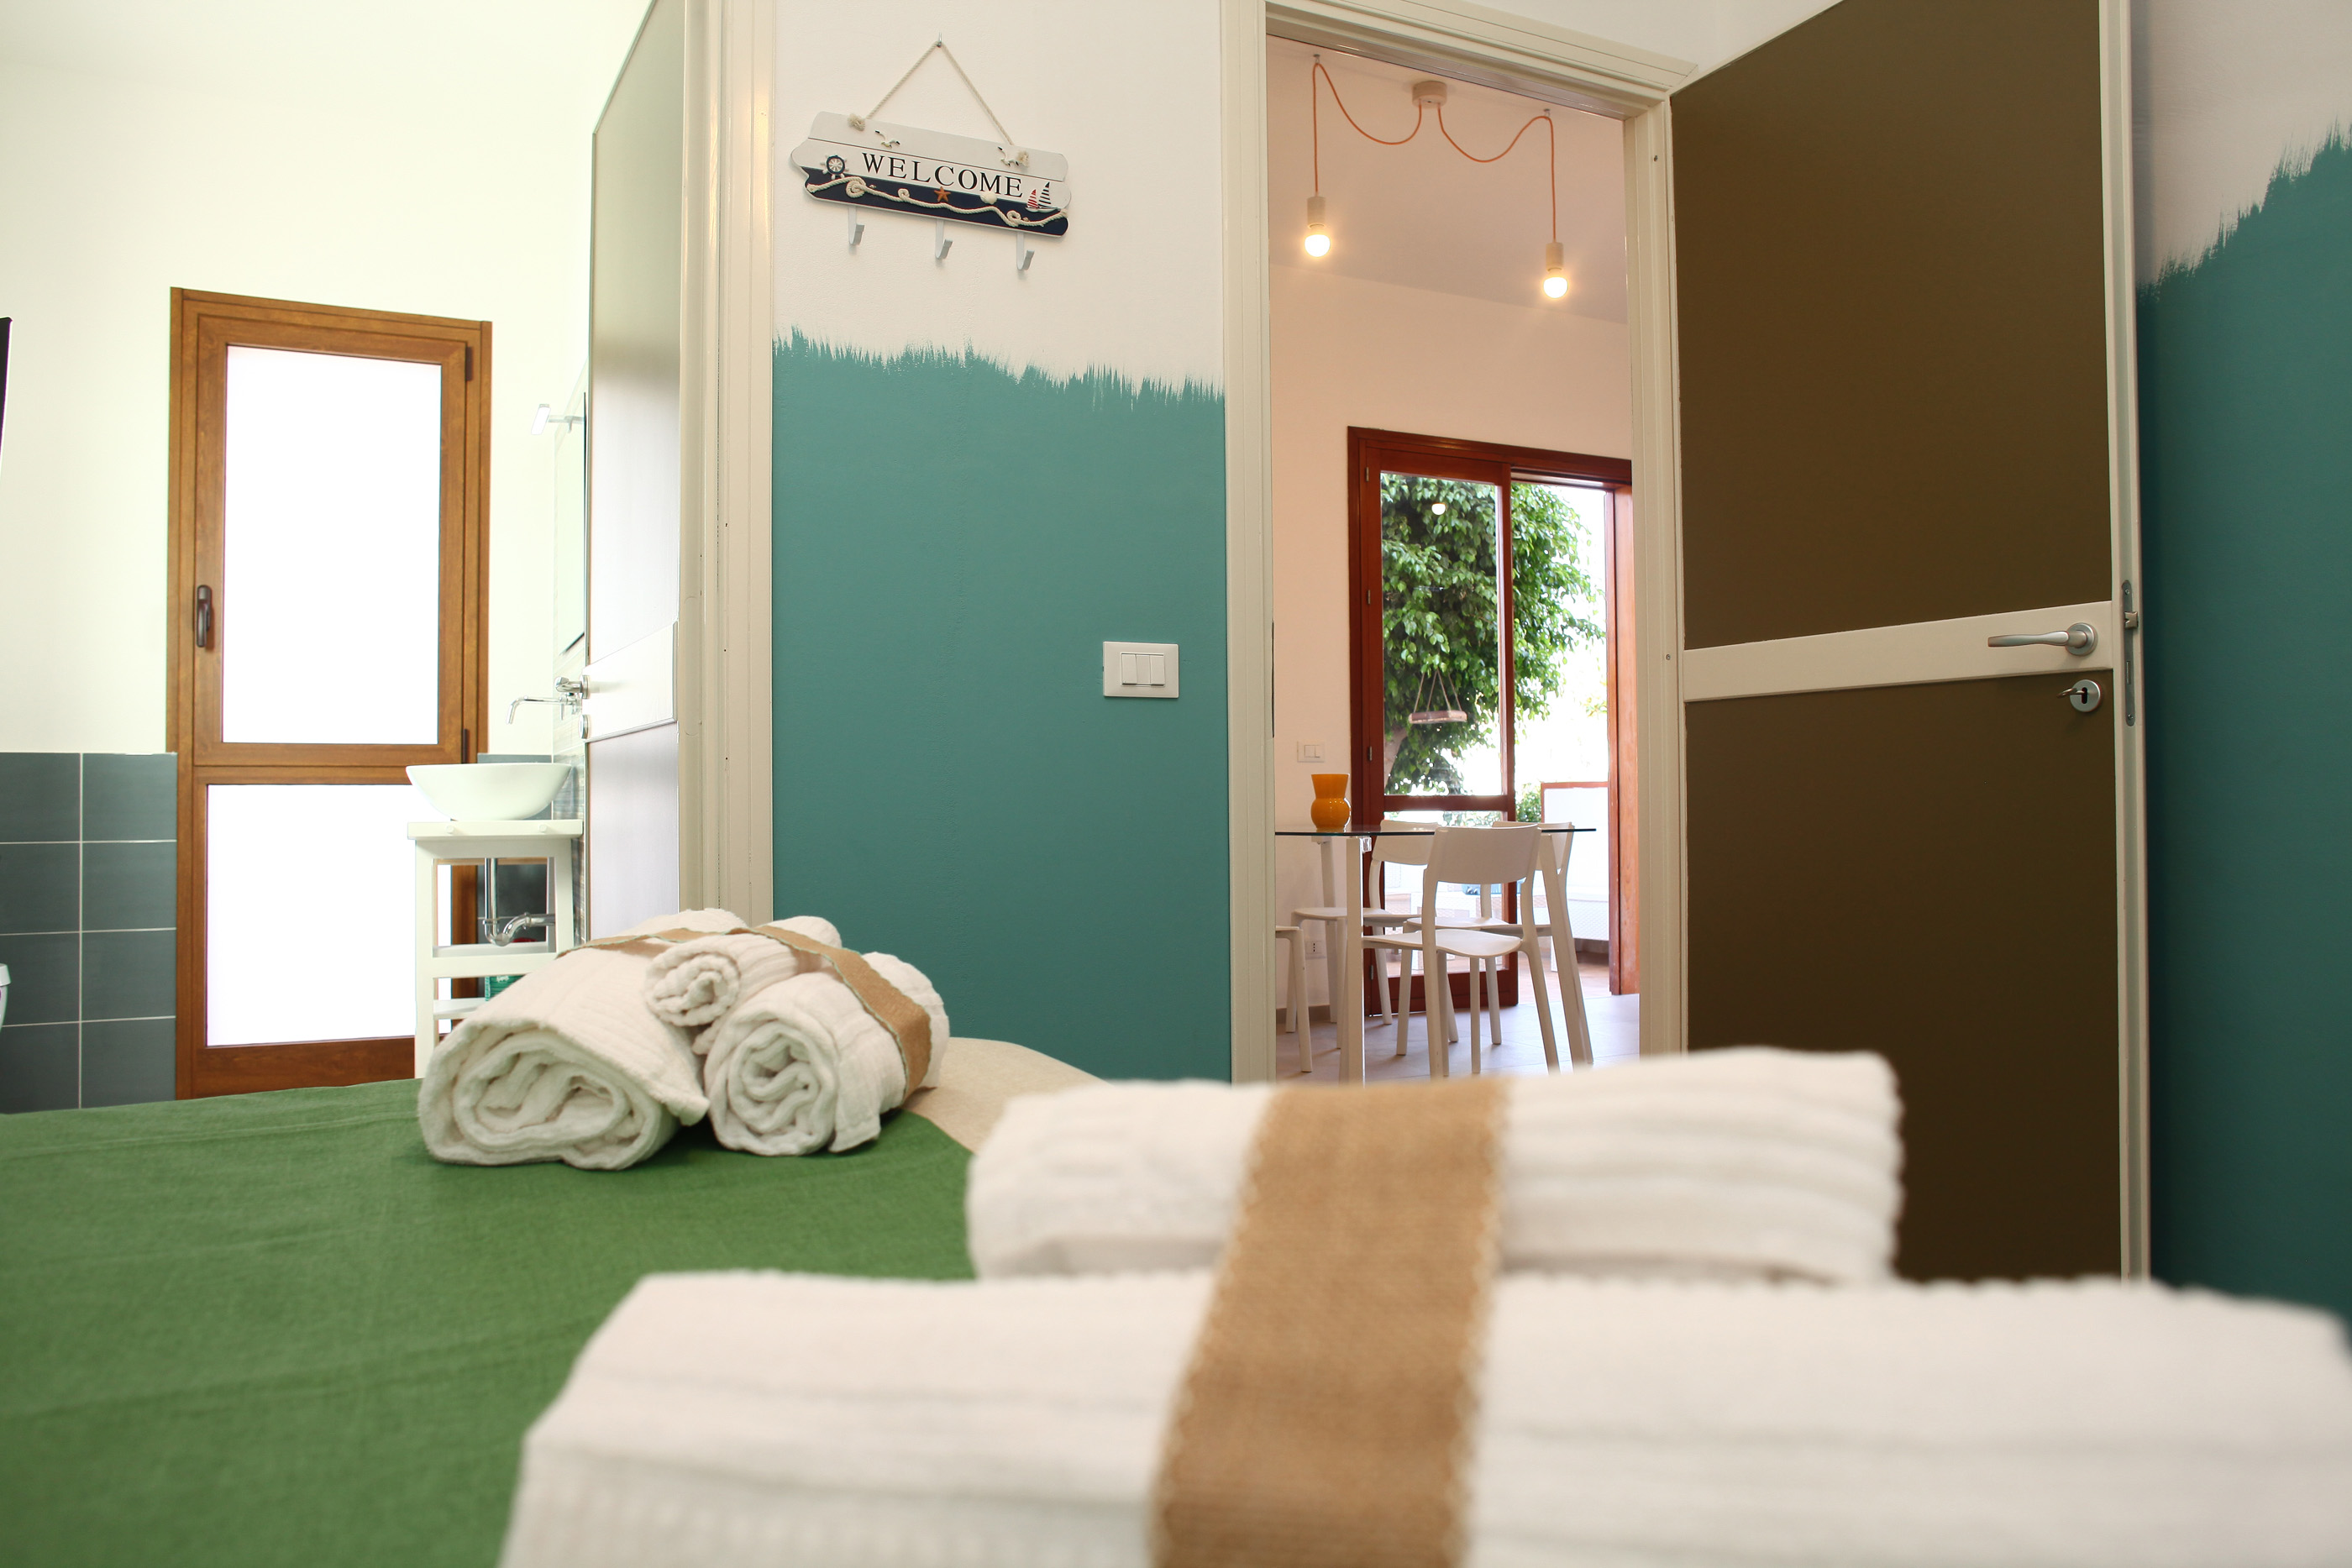 BeachSide Rooms & Suites